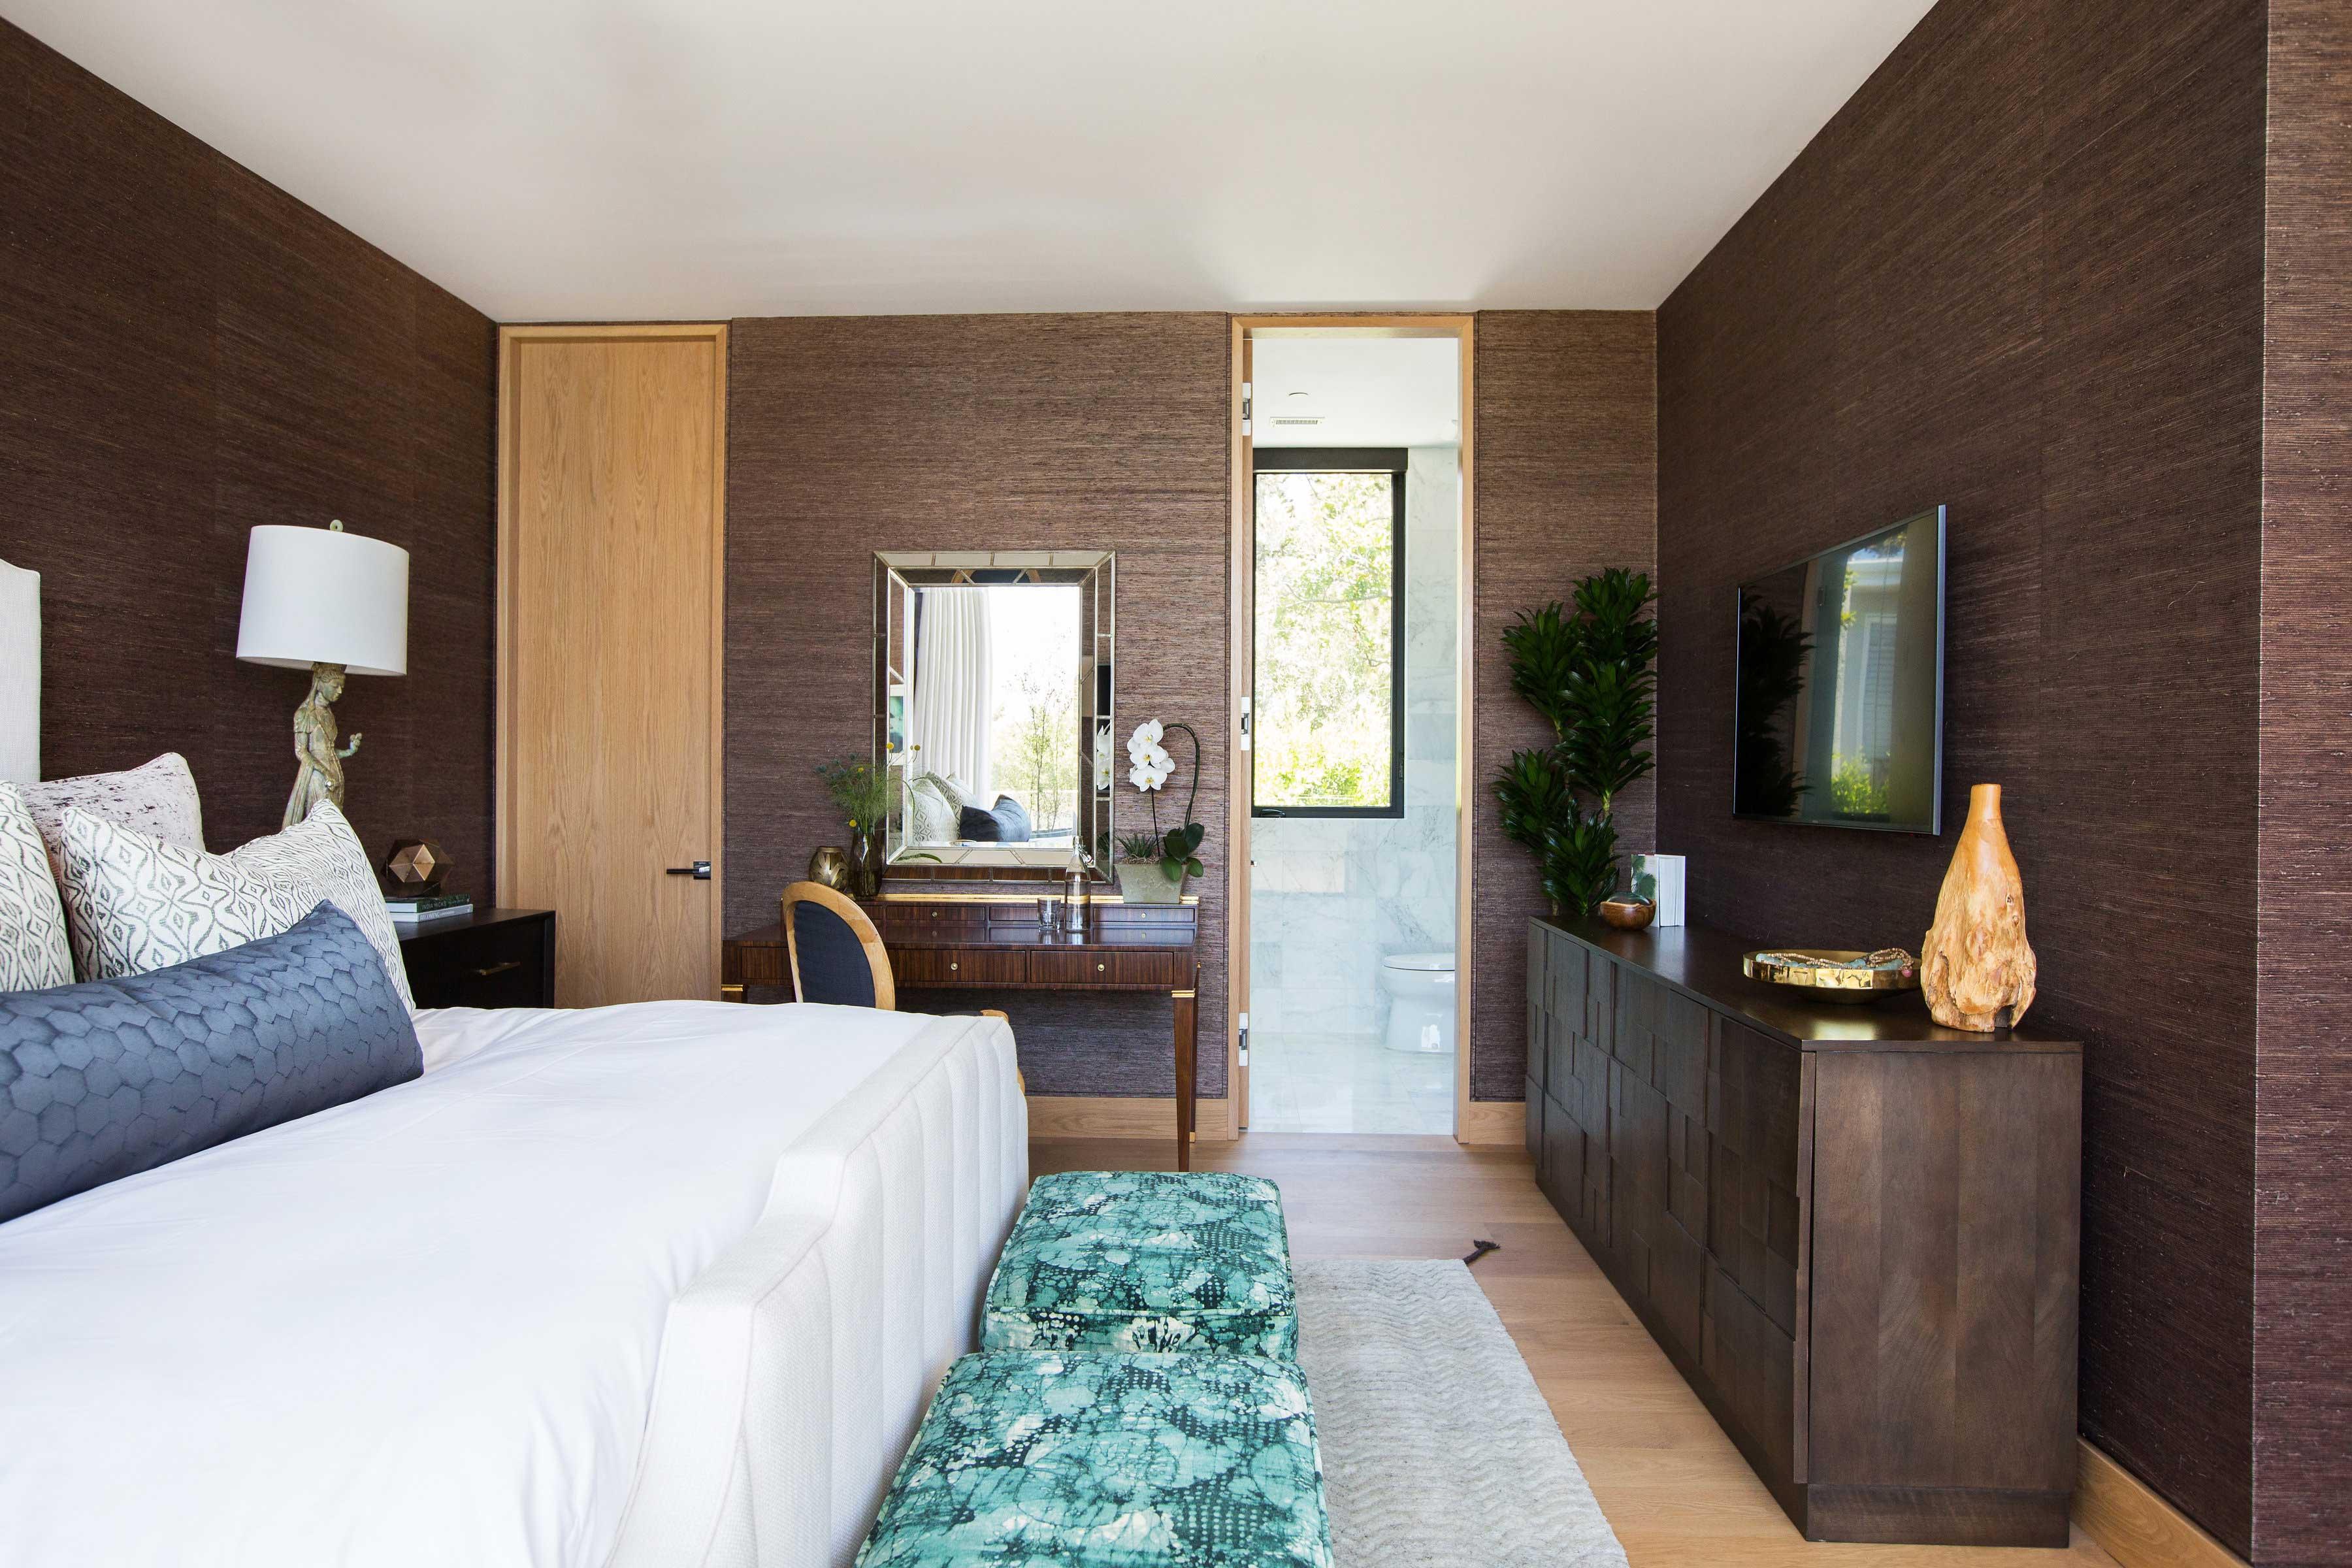 blackband_design_project_bel-air_guest_bedroom_2